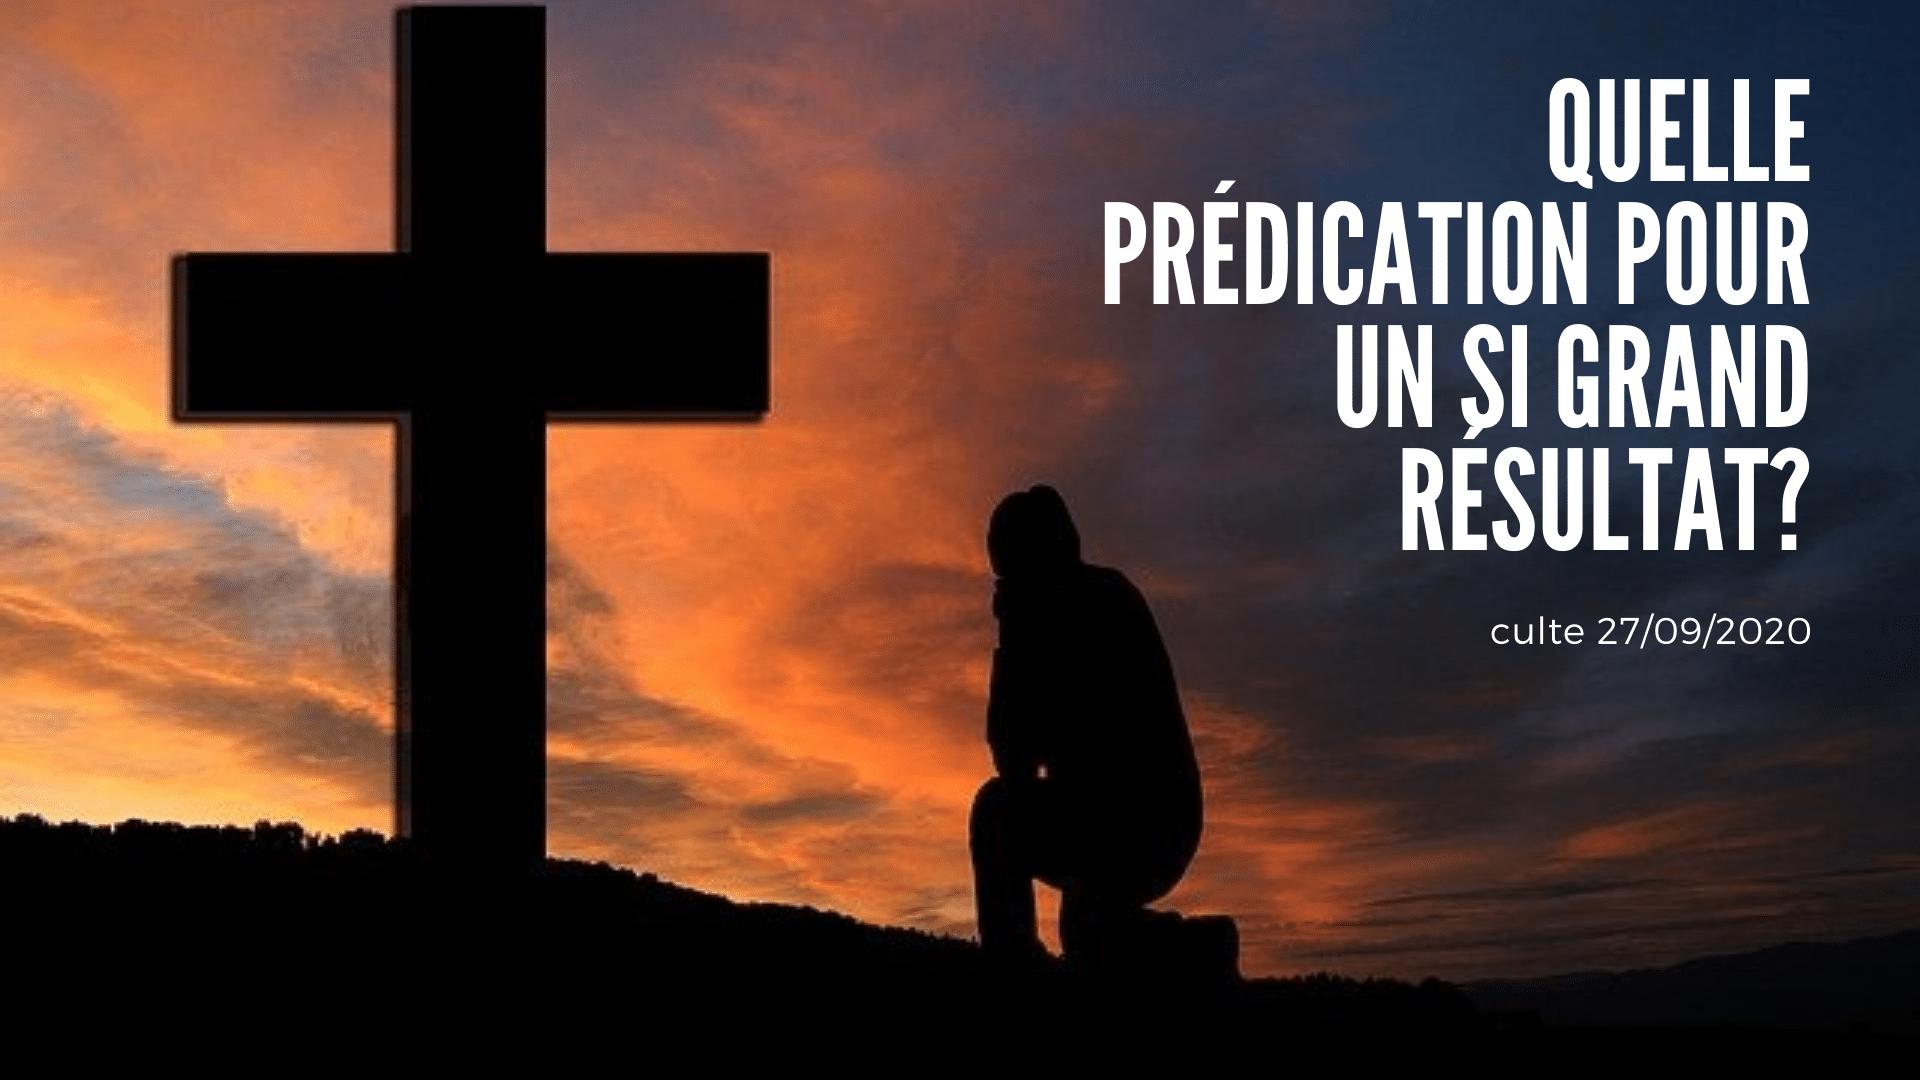 Quelle prédication pour un si grand résultat?